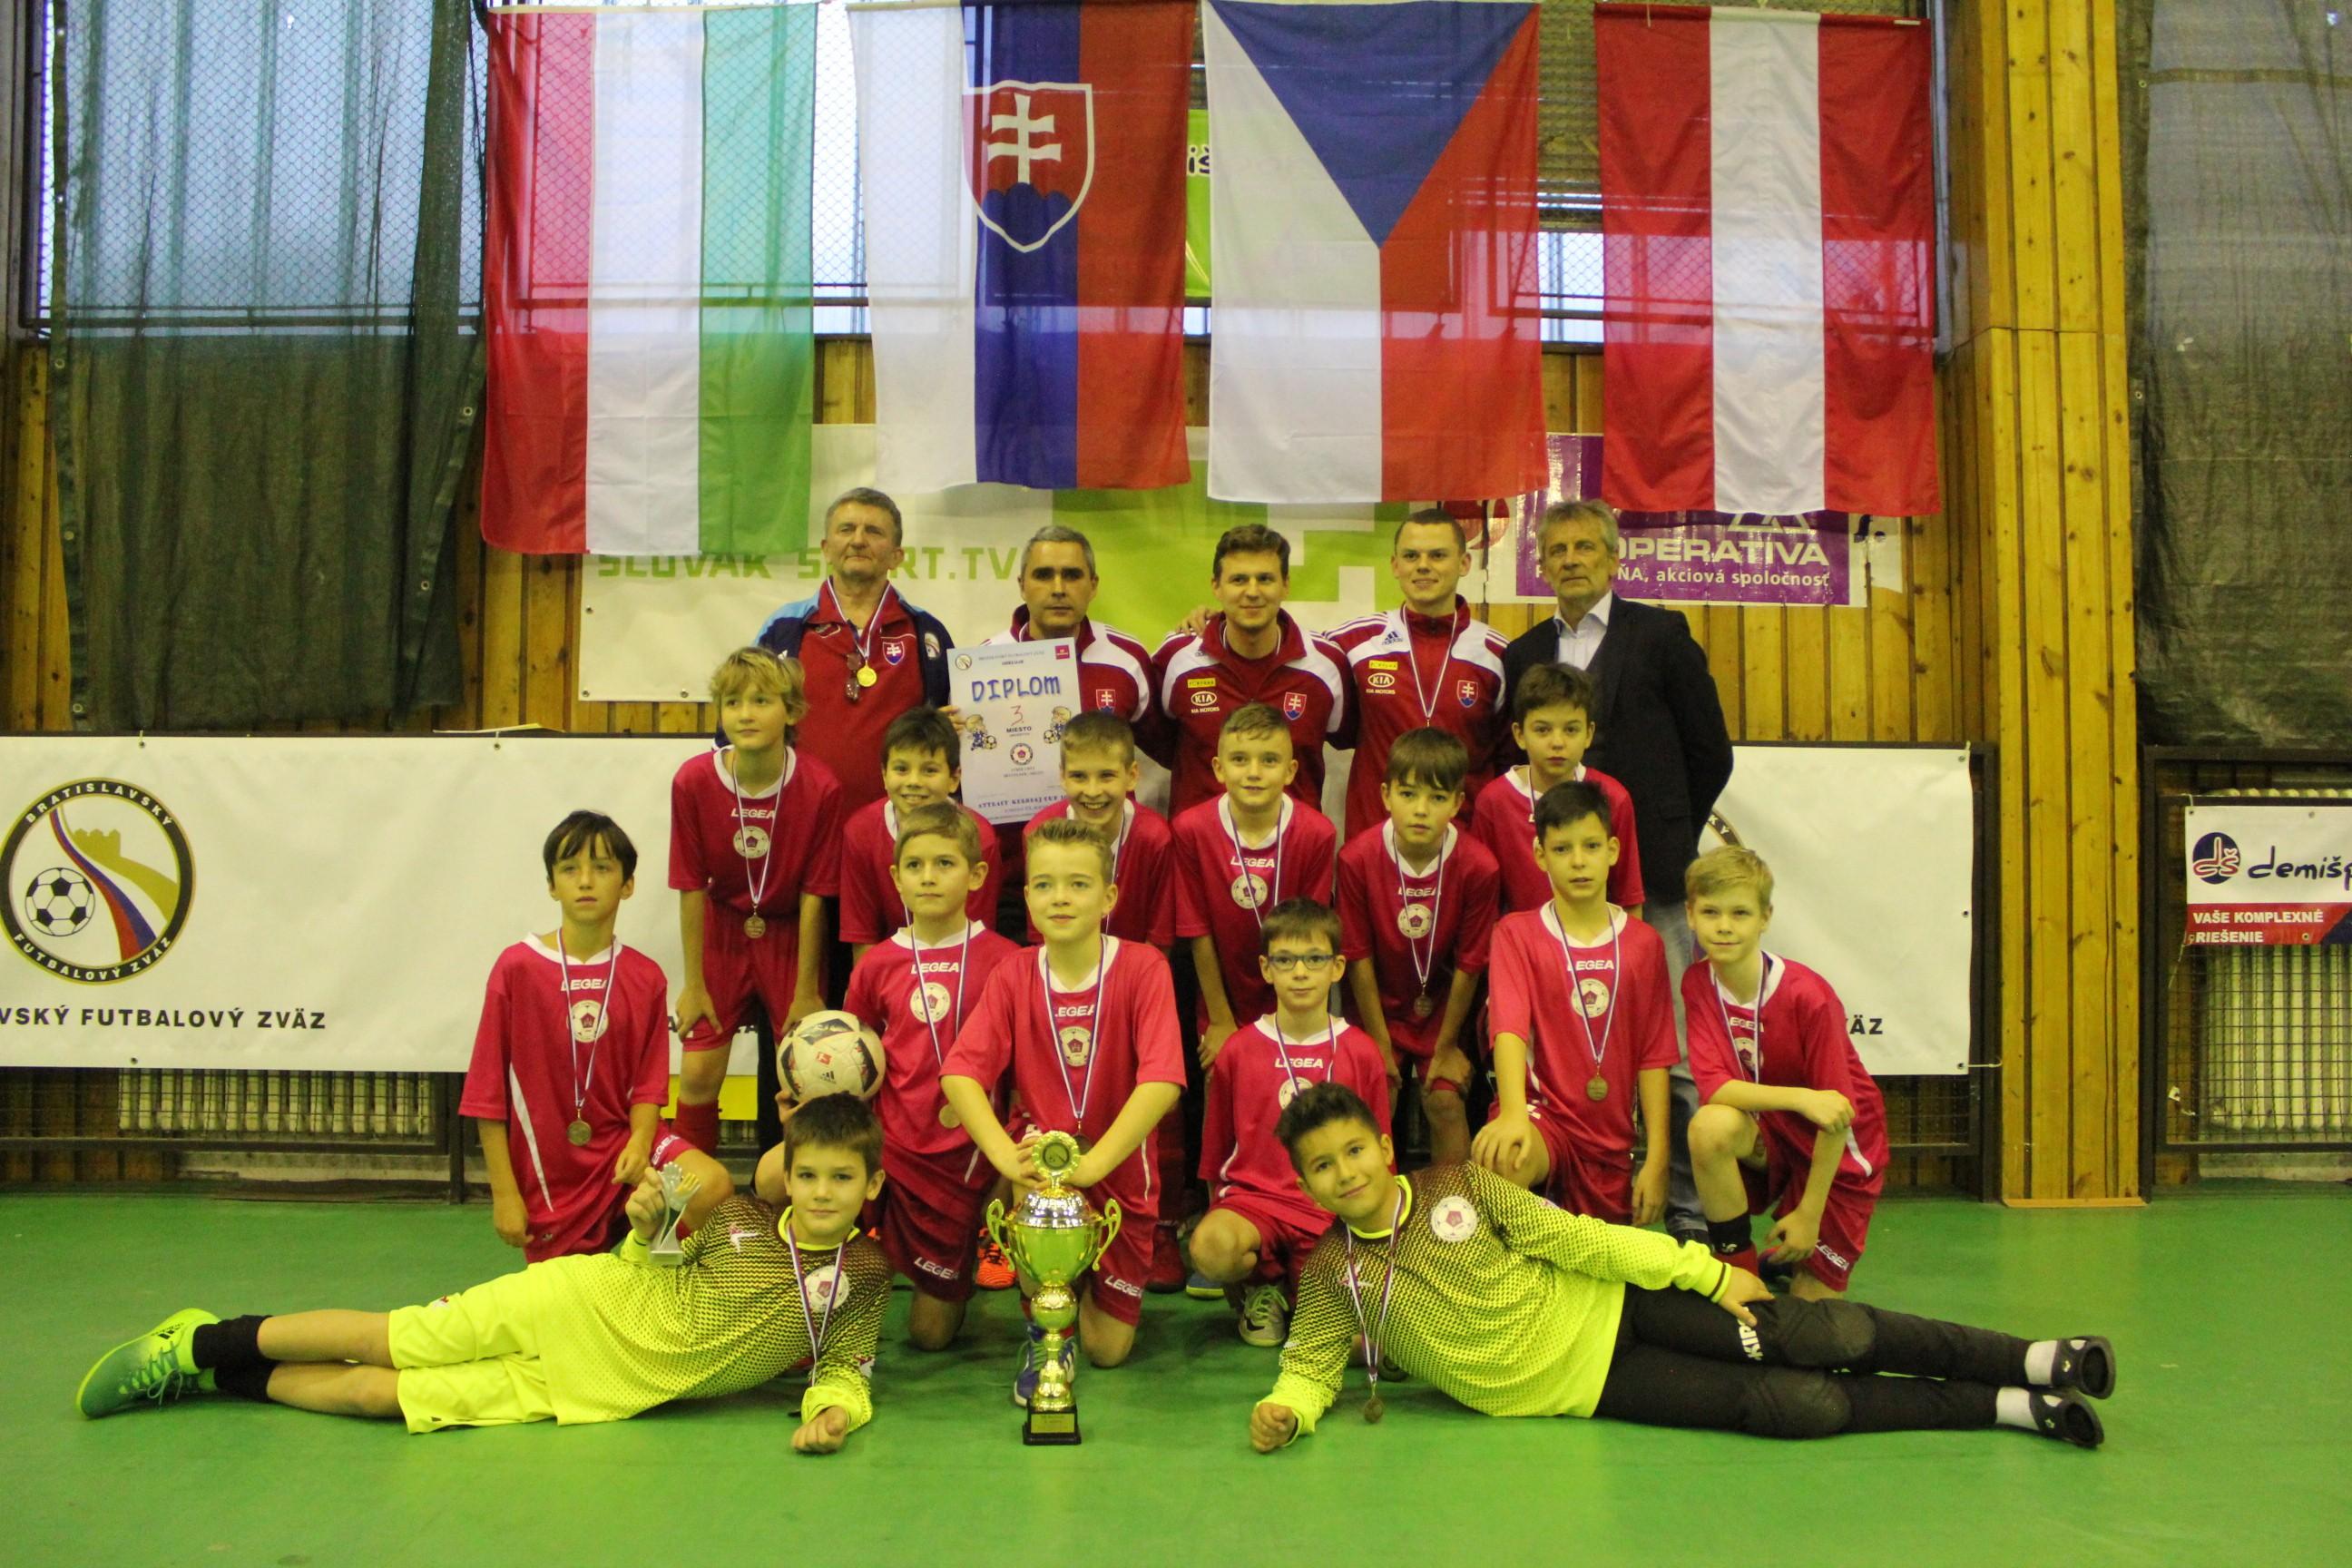 Výber ObFZ Bratislava-mesto neobhájil víťazstvo, skončil na peknom 3. mieste jubilejného 20. ročníka Attract Kerobaj CUP 2018